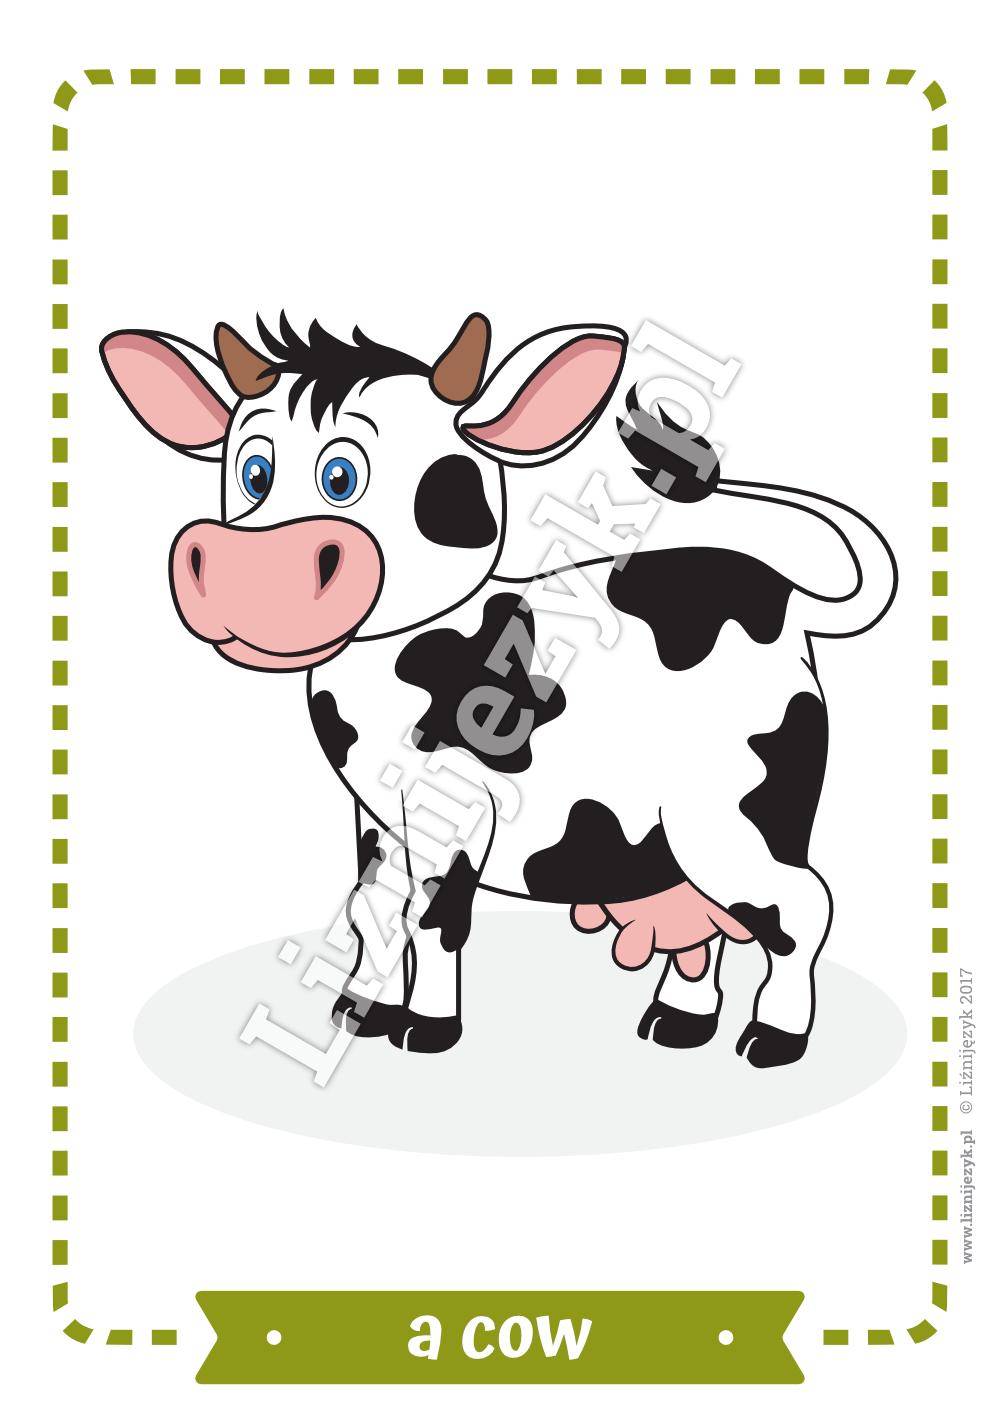 Farm Animals English Flashcards Animal Flashcards Flashcards Farm Animals [ 1414 x 1000 Pixel ]